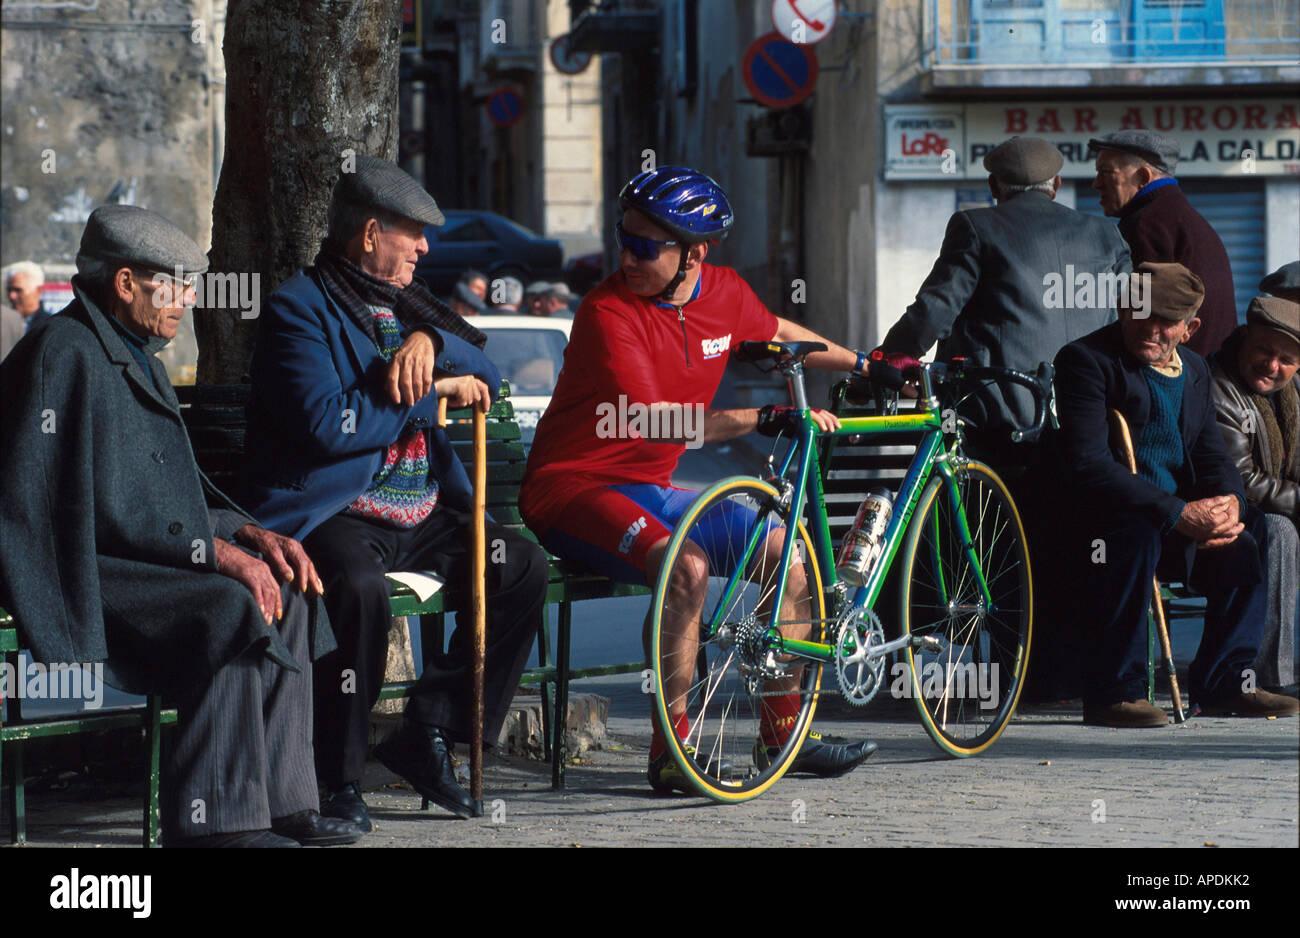 Radfahrer und alte sizilianische Maenner, Piazza von Regalbuto Sizilien, Italien - Stock Image